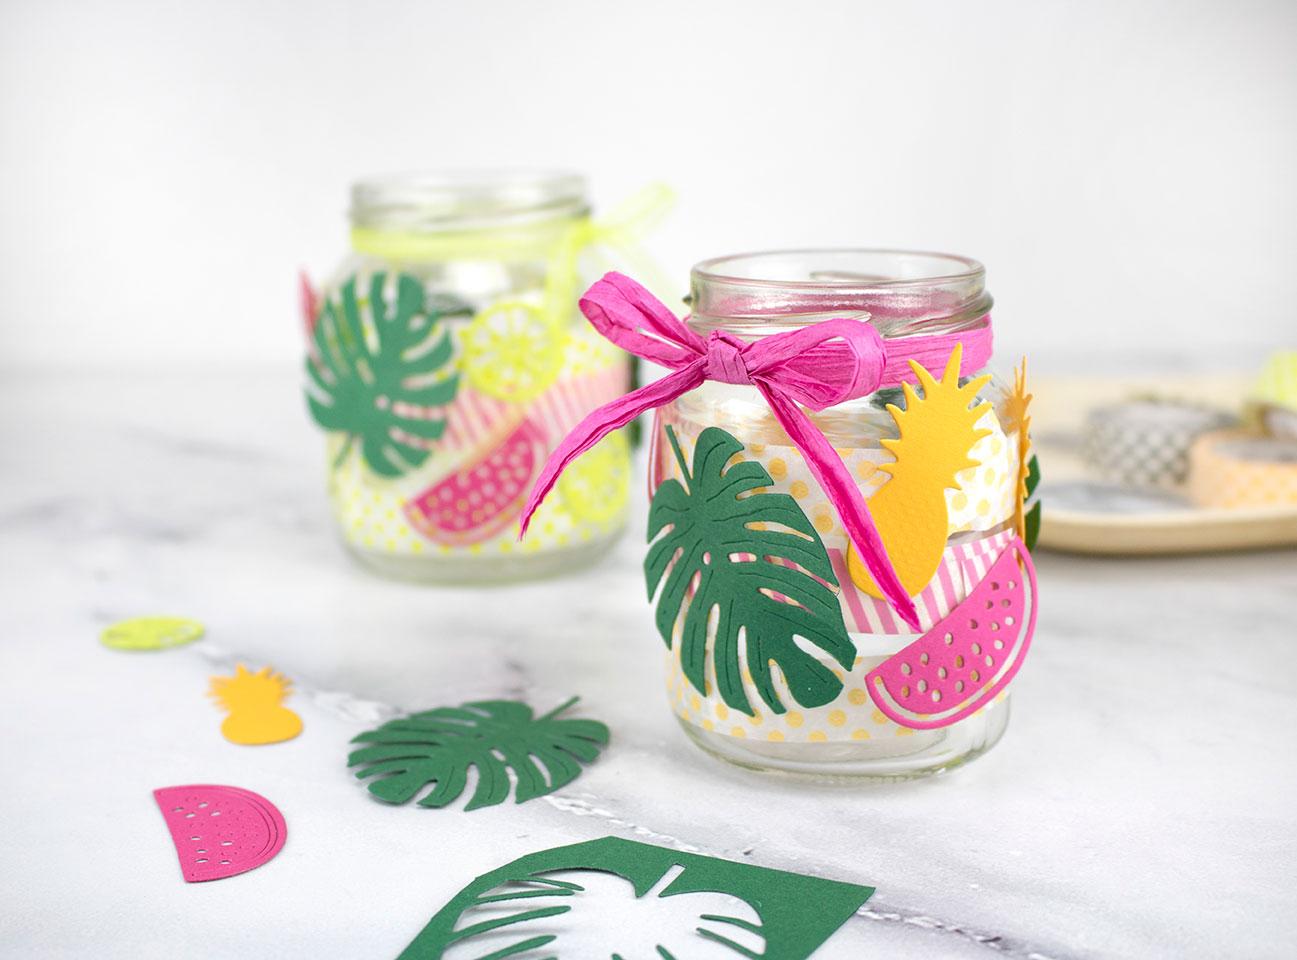 Windlicht mit Monstera-Blättern und tropischen Früchten nettes Geschnek für Freunde